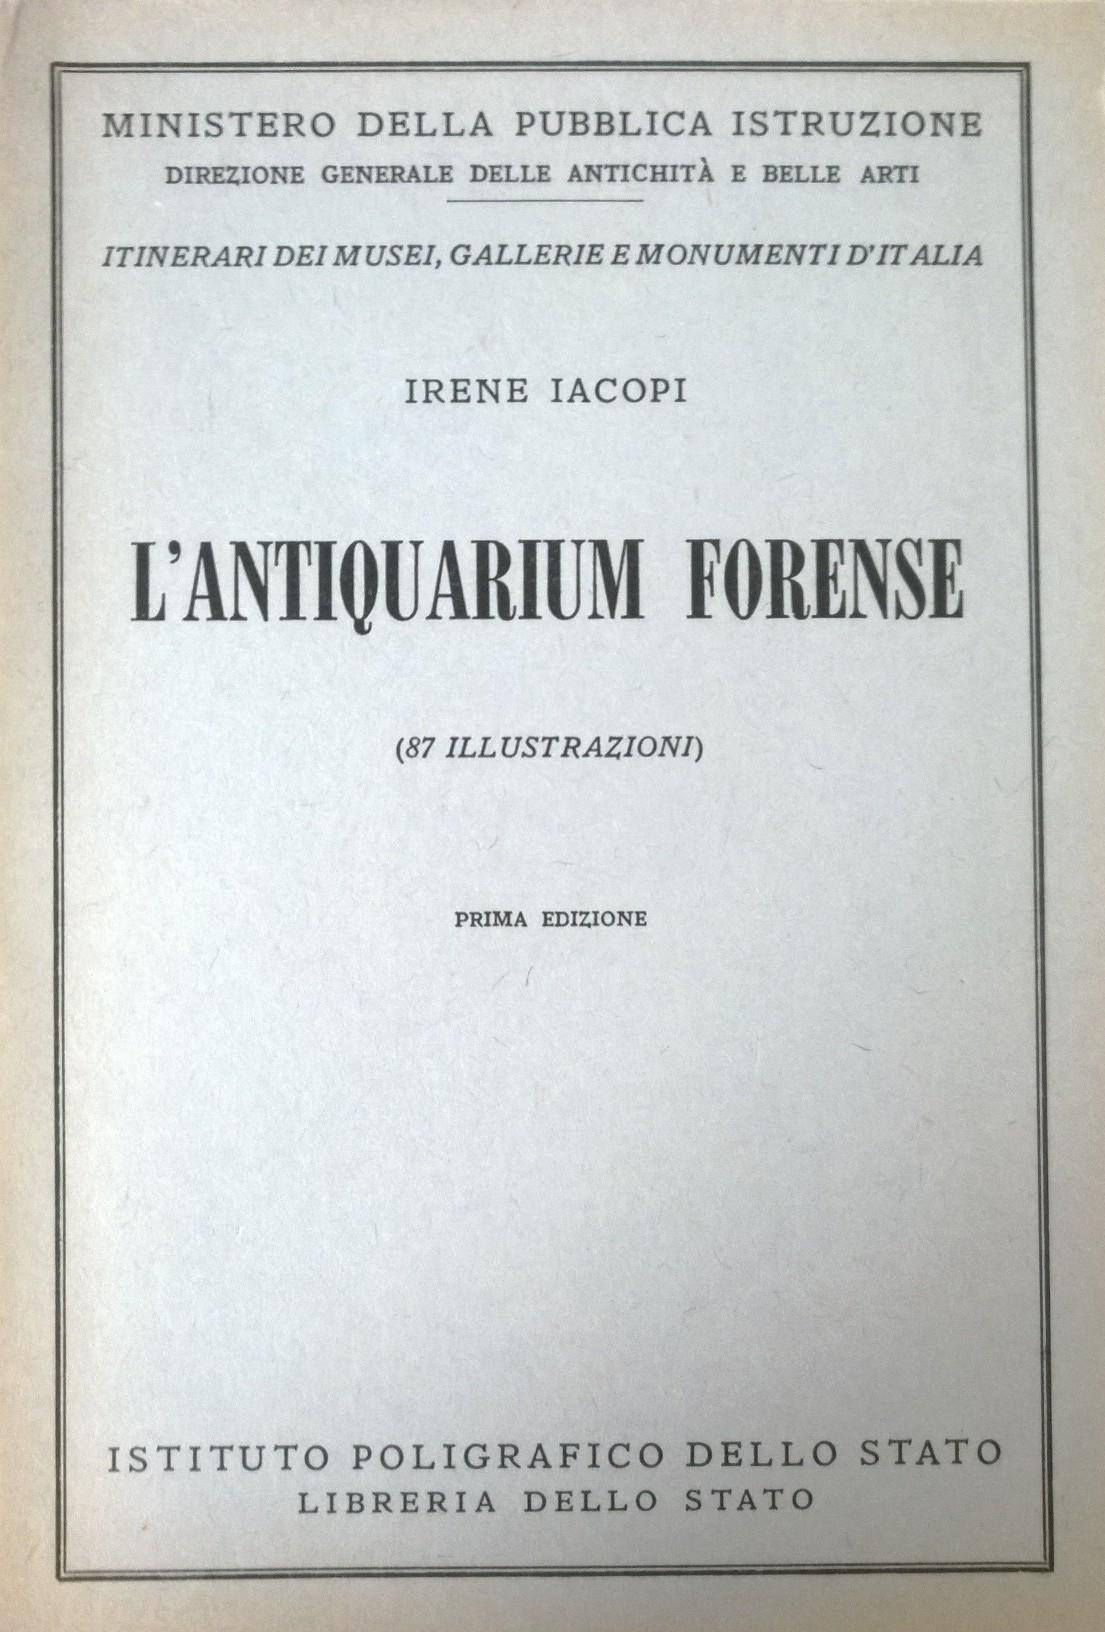 L'Antiquarium forense